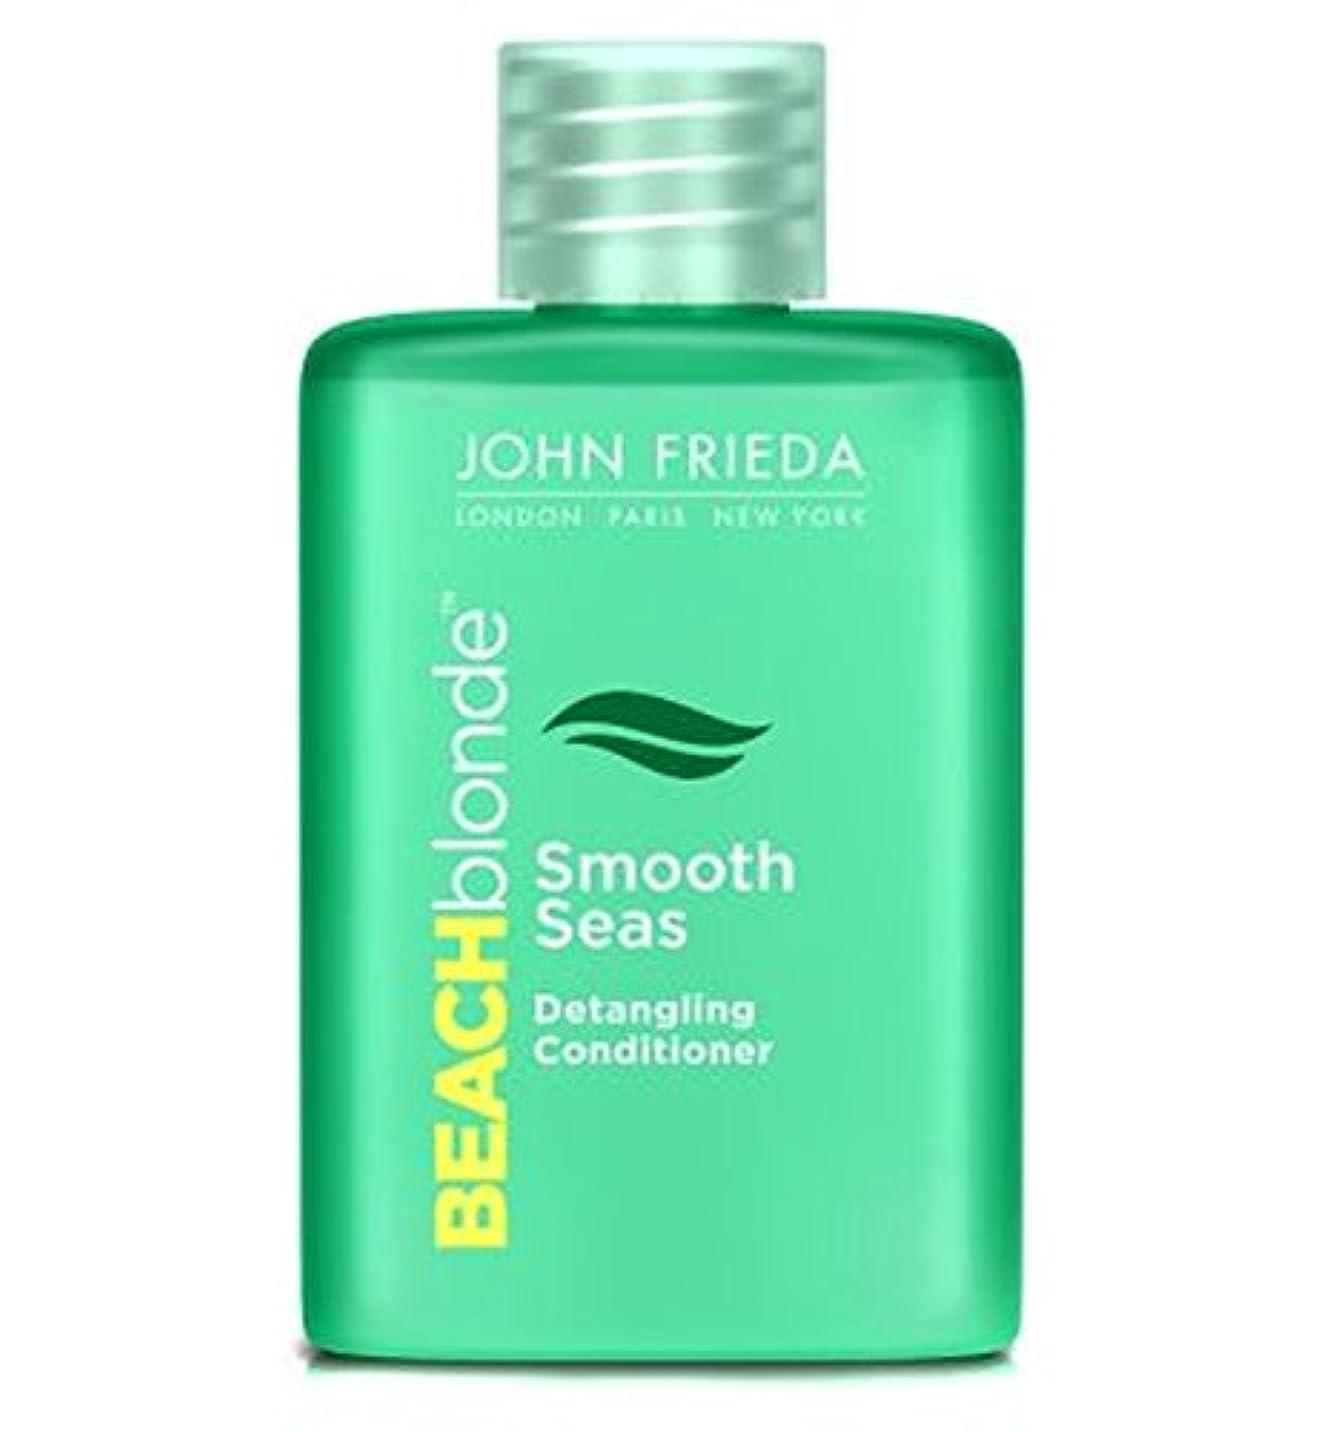 先雪だるま見捨てるコンディショナー50ミリリットルをもつれ解除ジョンFrieda?ビーチブロンド滑らかな海 (John Frieda) (x2) - John Frieda? Beach Blonde Smooth Seas Detangling...